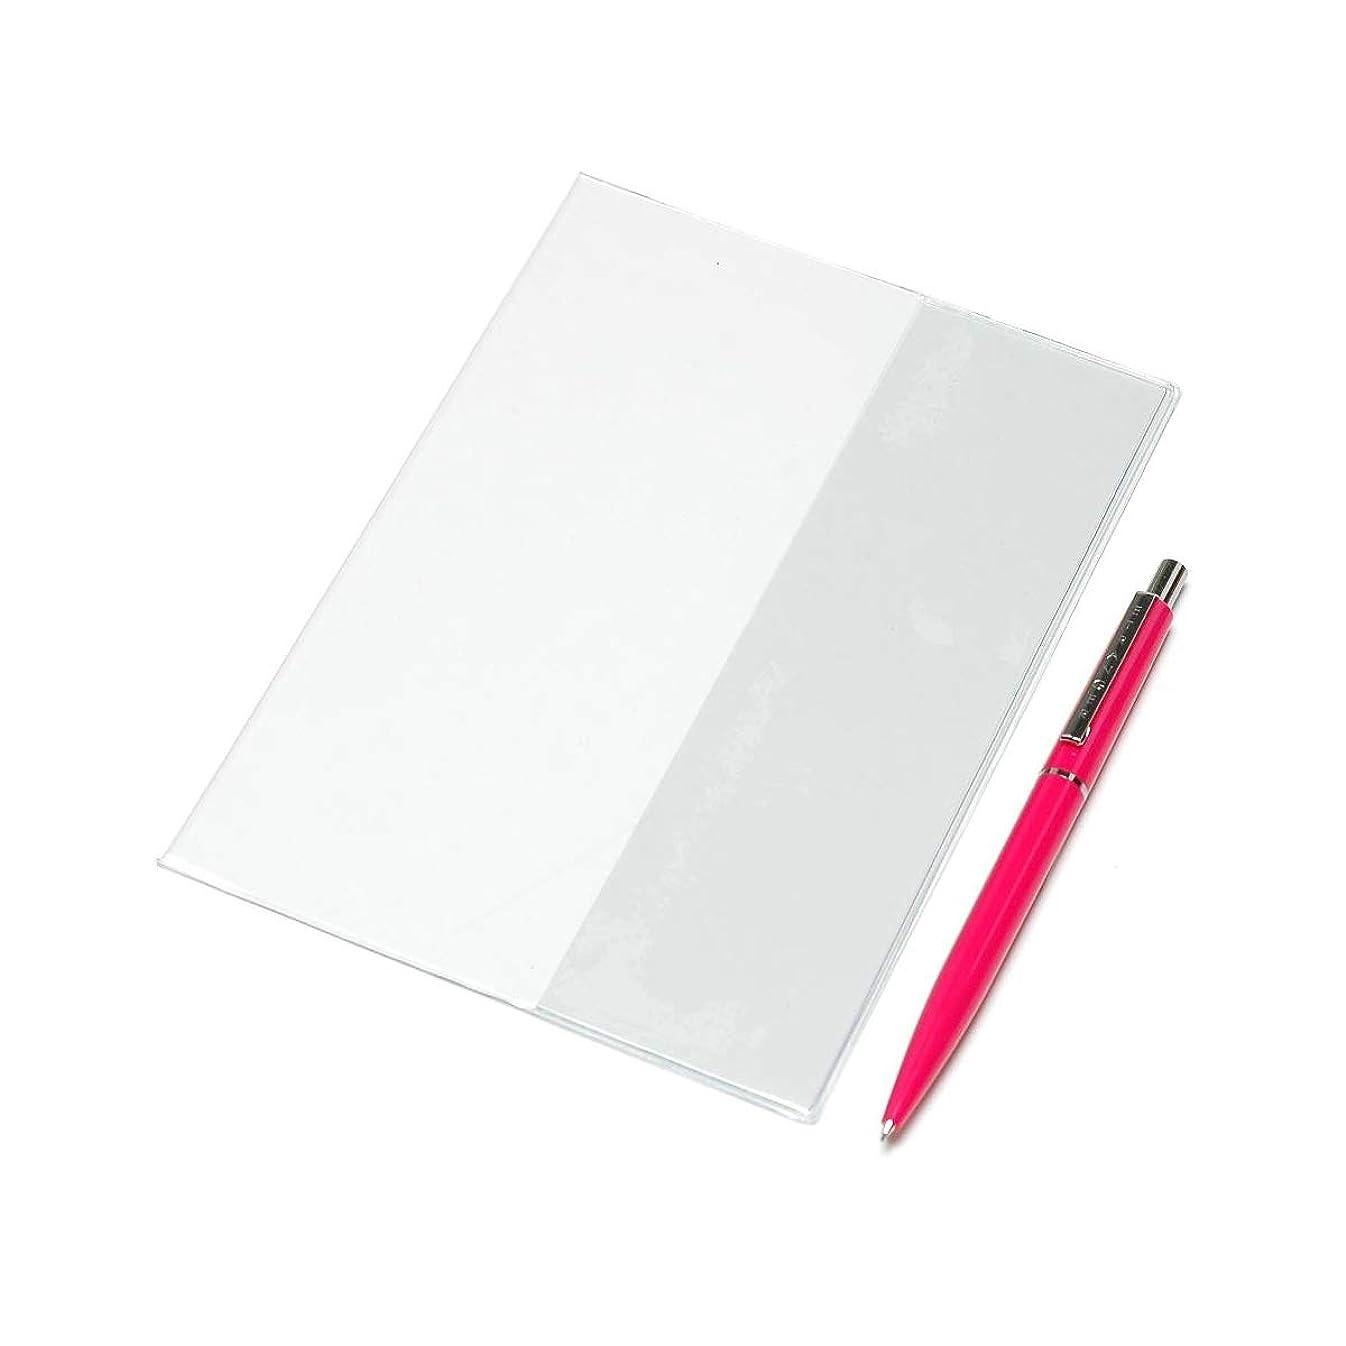 アパートイースター引退したエトランジェディコスタリカ ノートカバー B6 手帳カバー&シャープペン ピンク MPCSET-B6-11